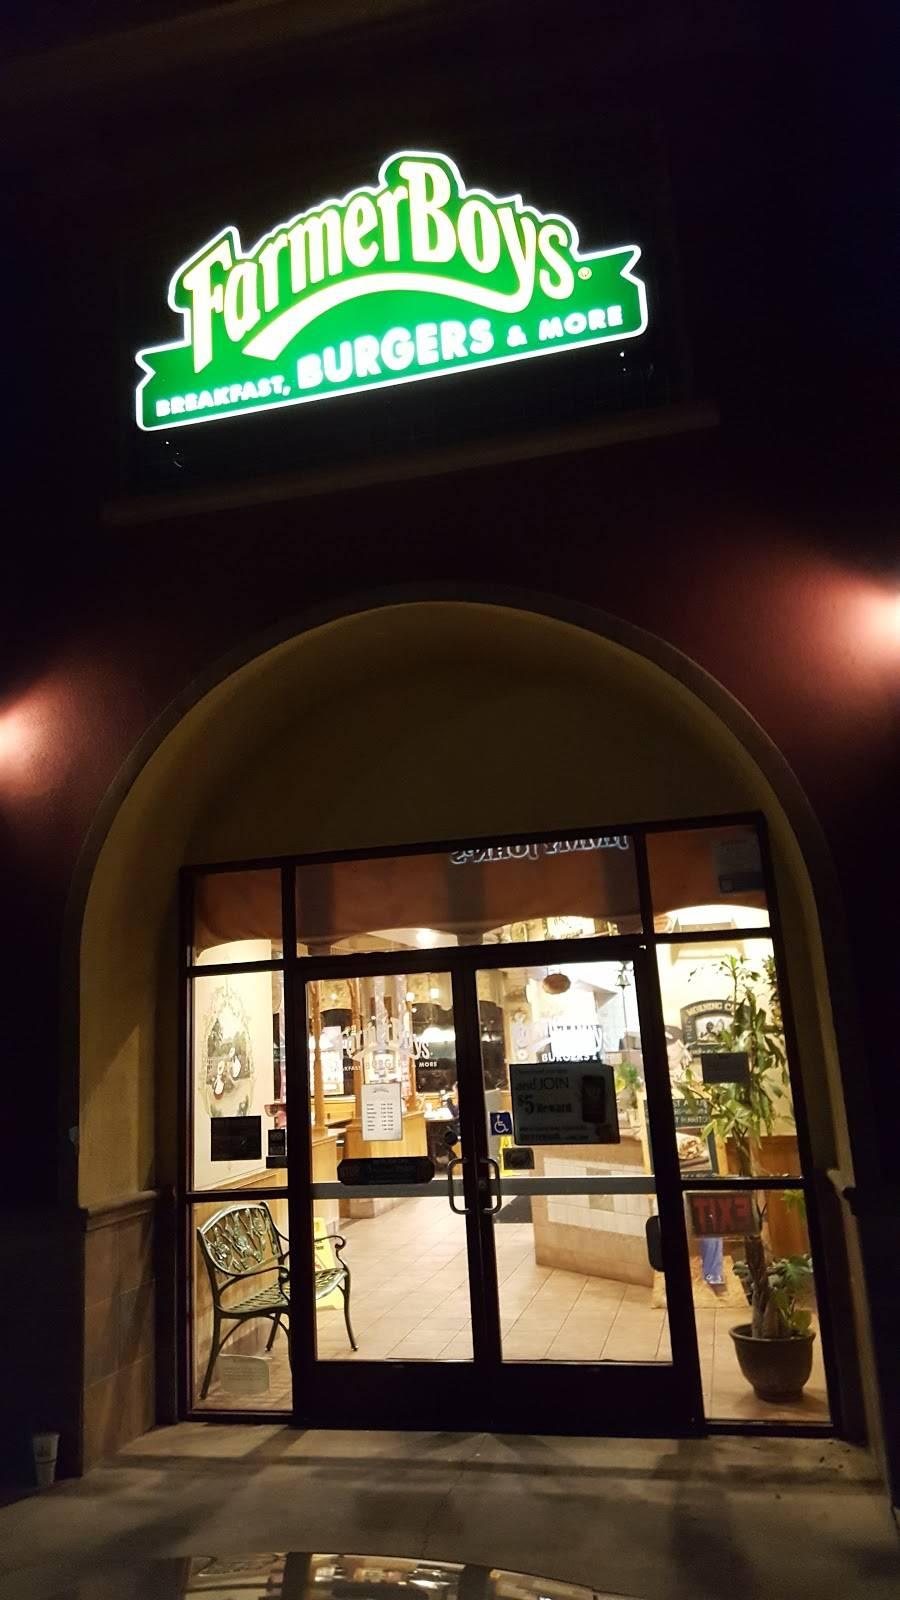 Farmer Boys   restaurant   15662 Arrow Hwy, Irwindale, CA 91706, USA   6263376999 OR +1 626-337-6999